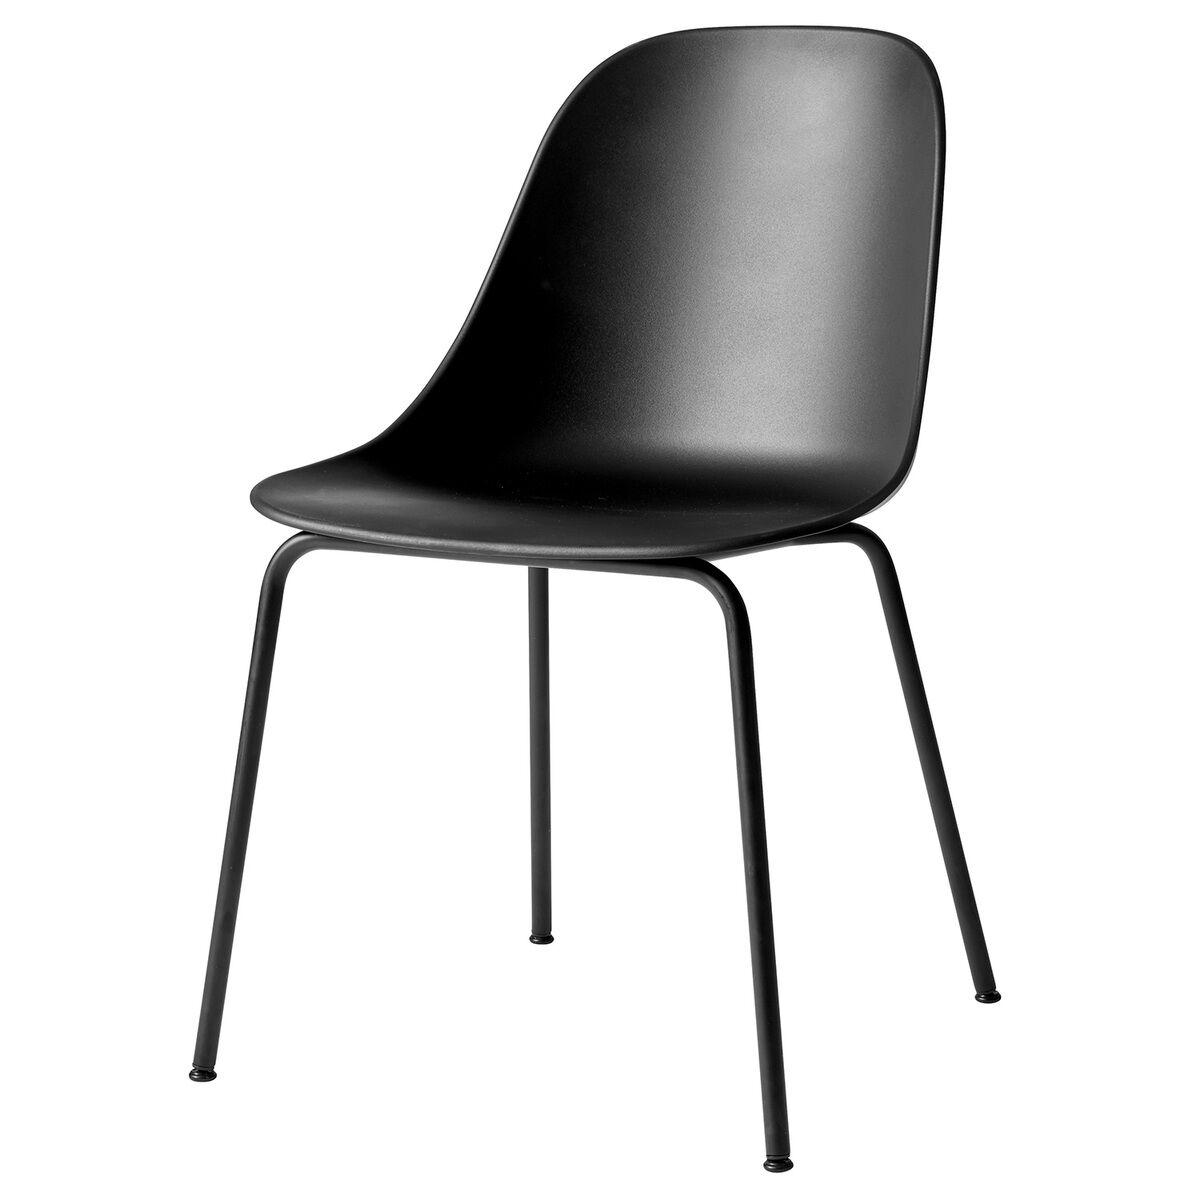 Menu Harbour dining side chair, black - black steel